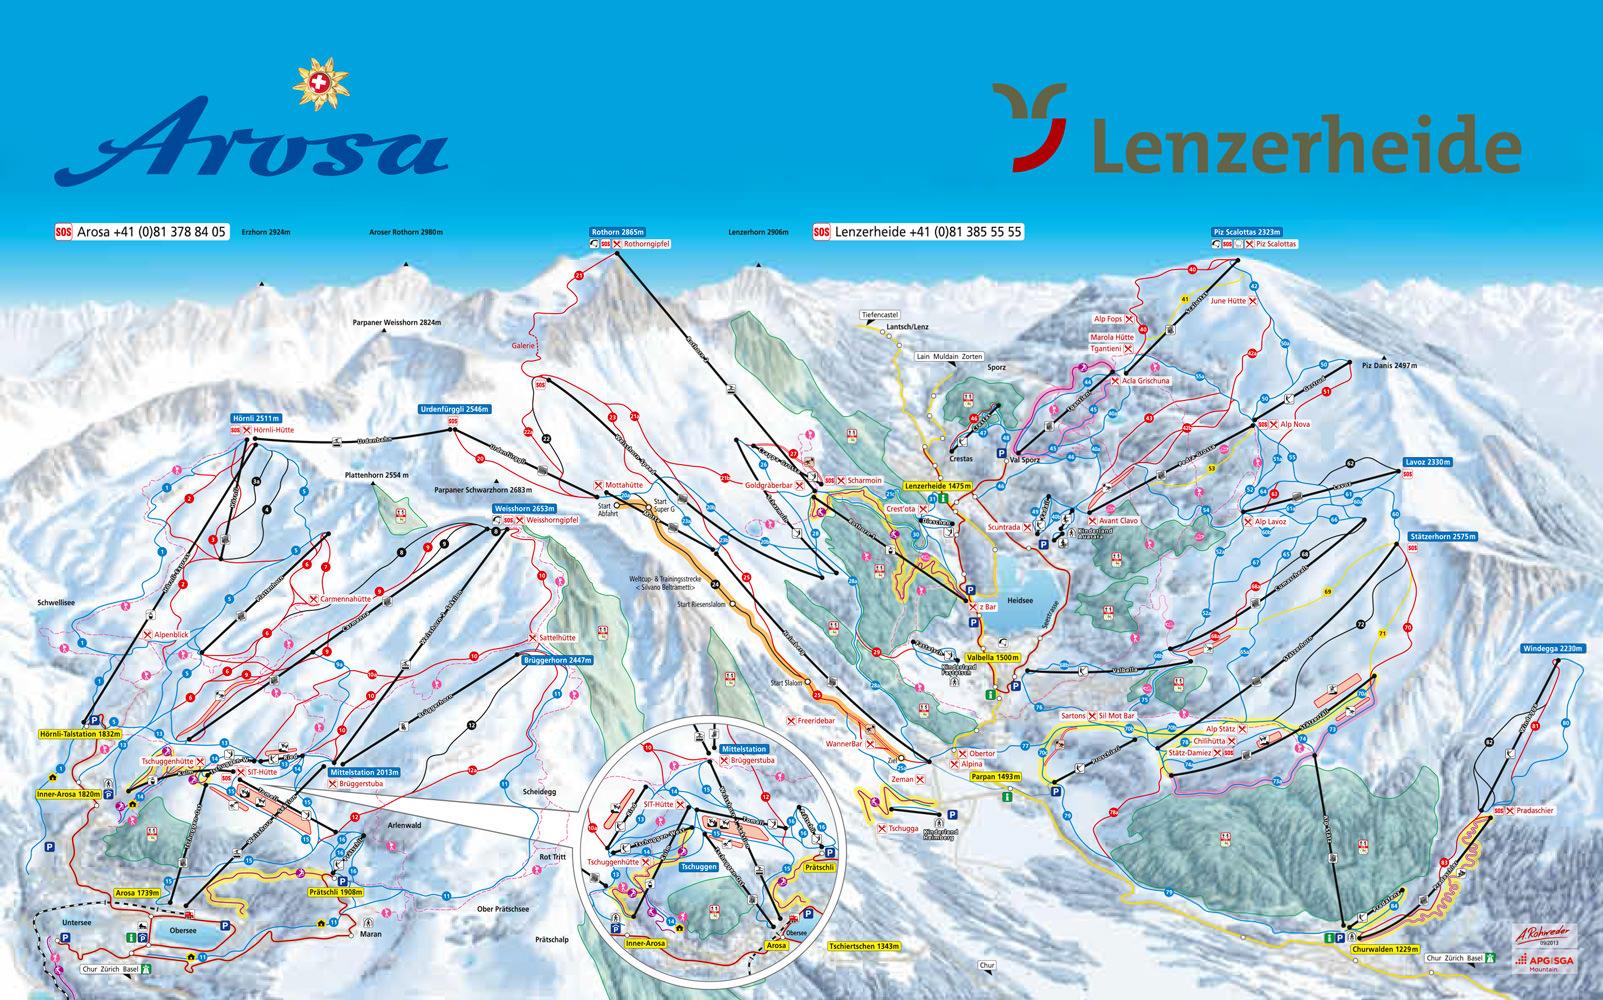 Arosa Switzerland Skiing Switzerland top Swiss ski resorts